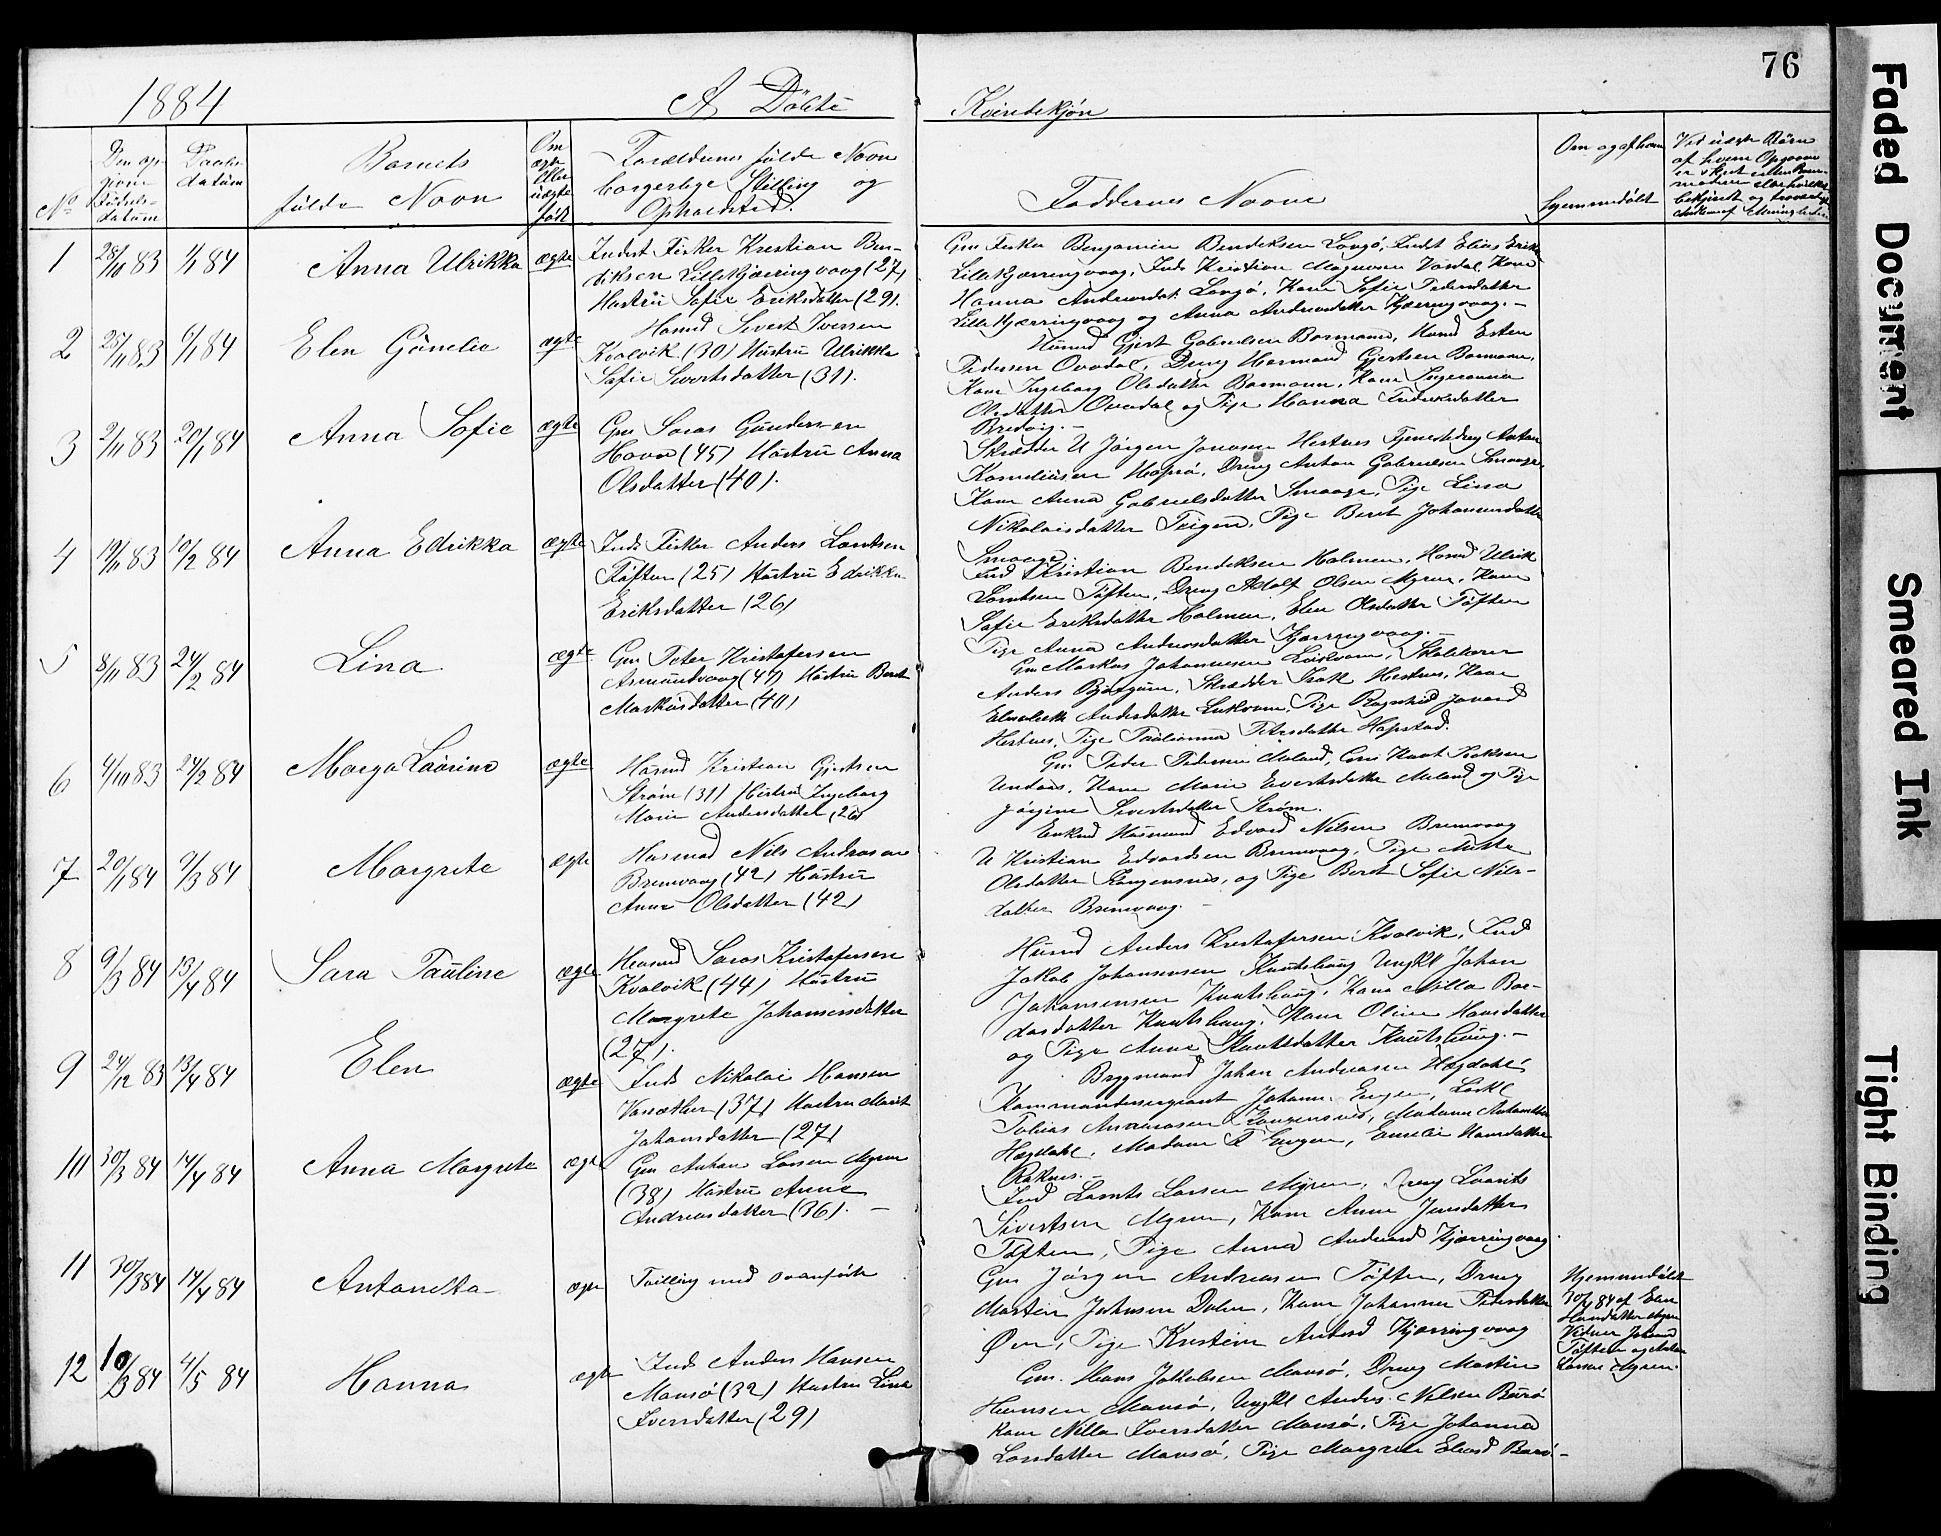 SAT, Ministerialprotokoller, klokkerbøker og fødselsregistre - Sør-Trøndelag, 634/L0541: Klokkerbok nr. 634C03, 1874-1891, s. 76